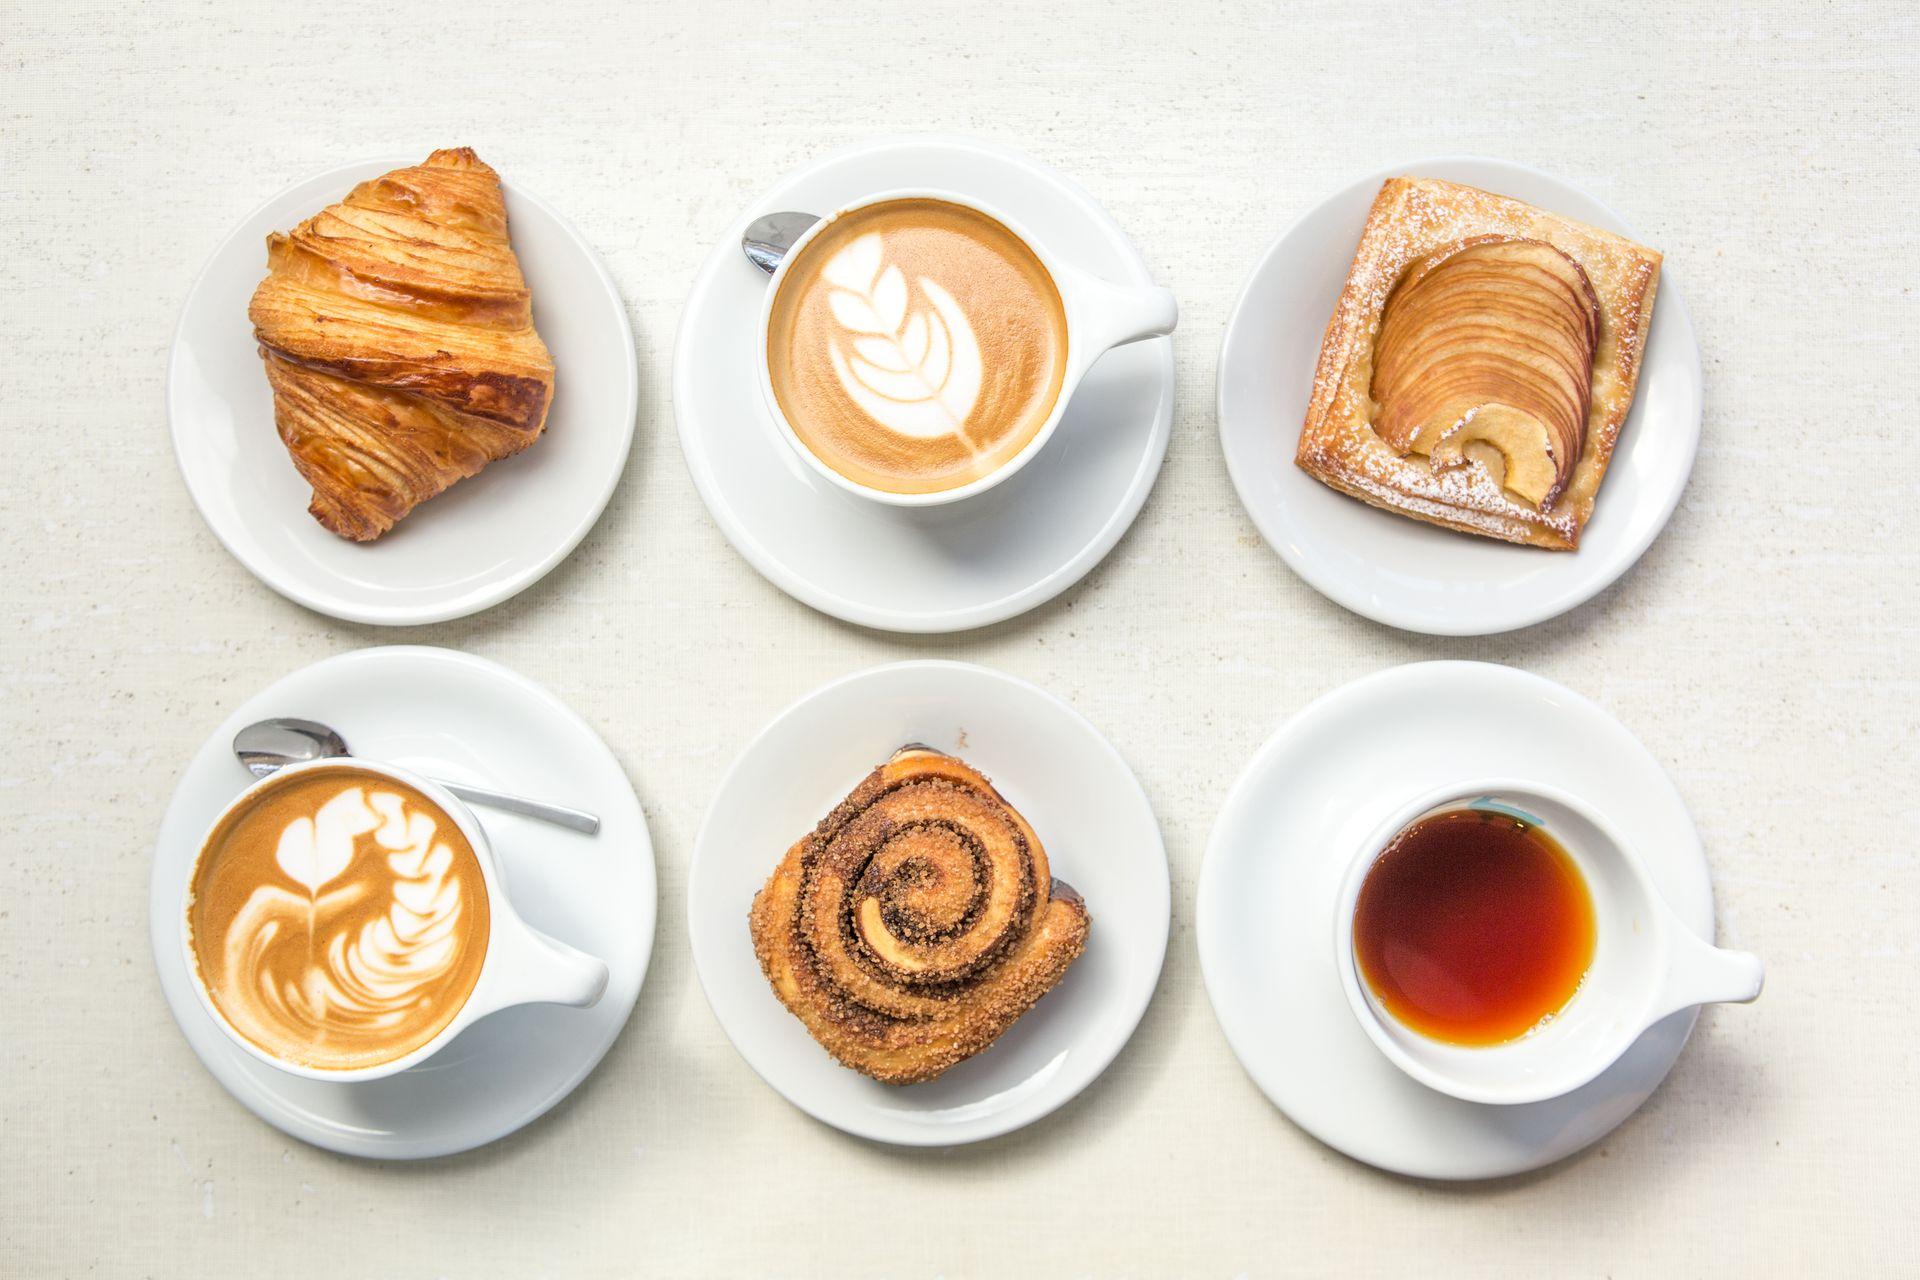 Café tostado de Brasil, Panamá, Colombia, Costa Rica y Perú acompañan hojaldres de manzana, budines, croissants y scones.